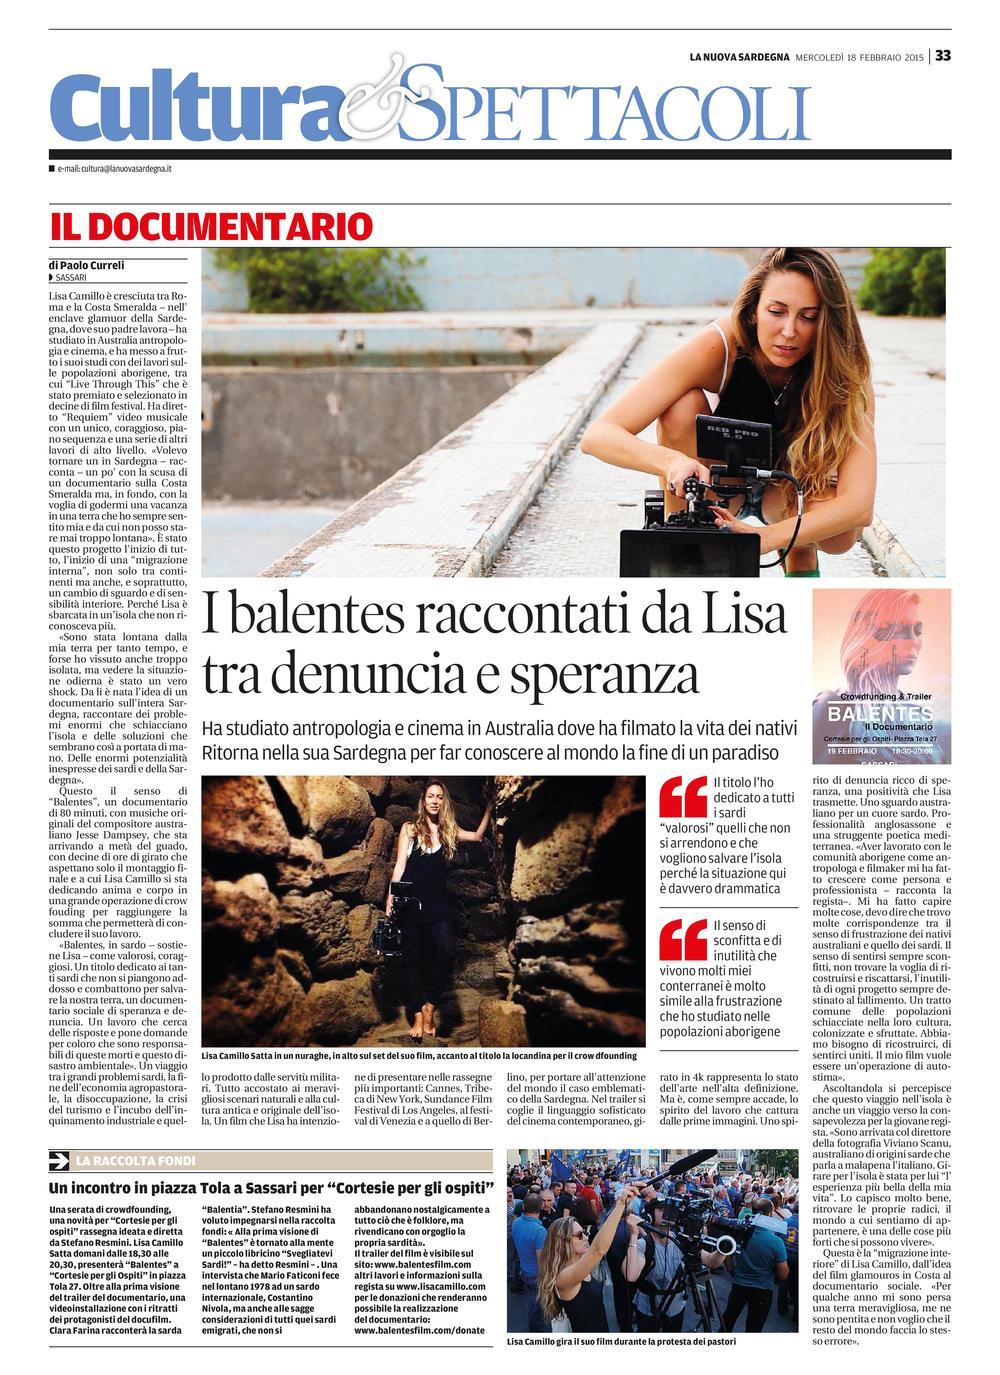 La Nuova Sardegna 18/02/2015